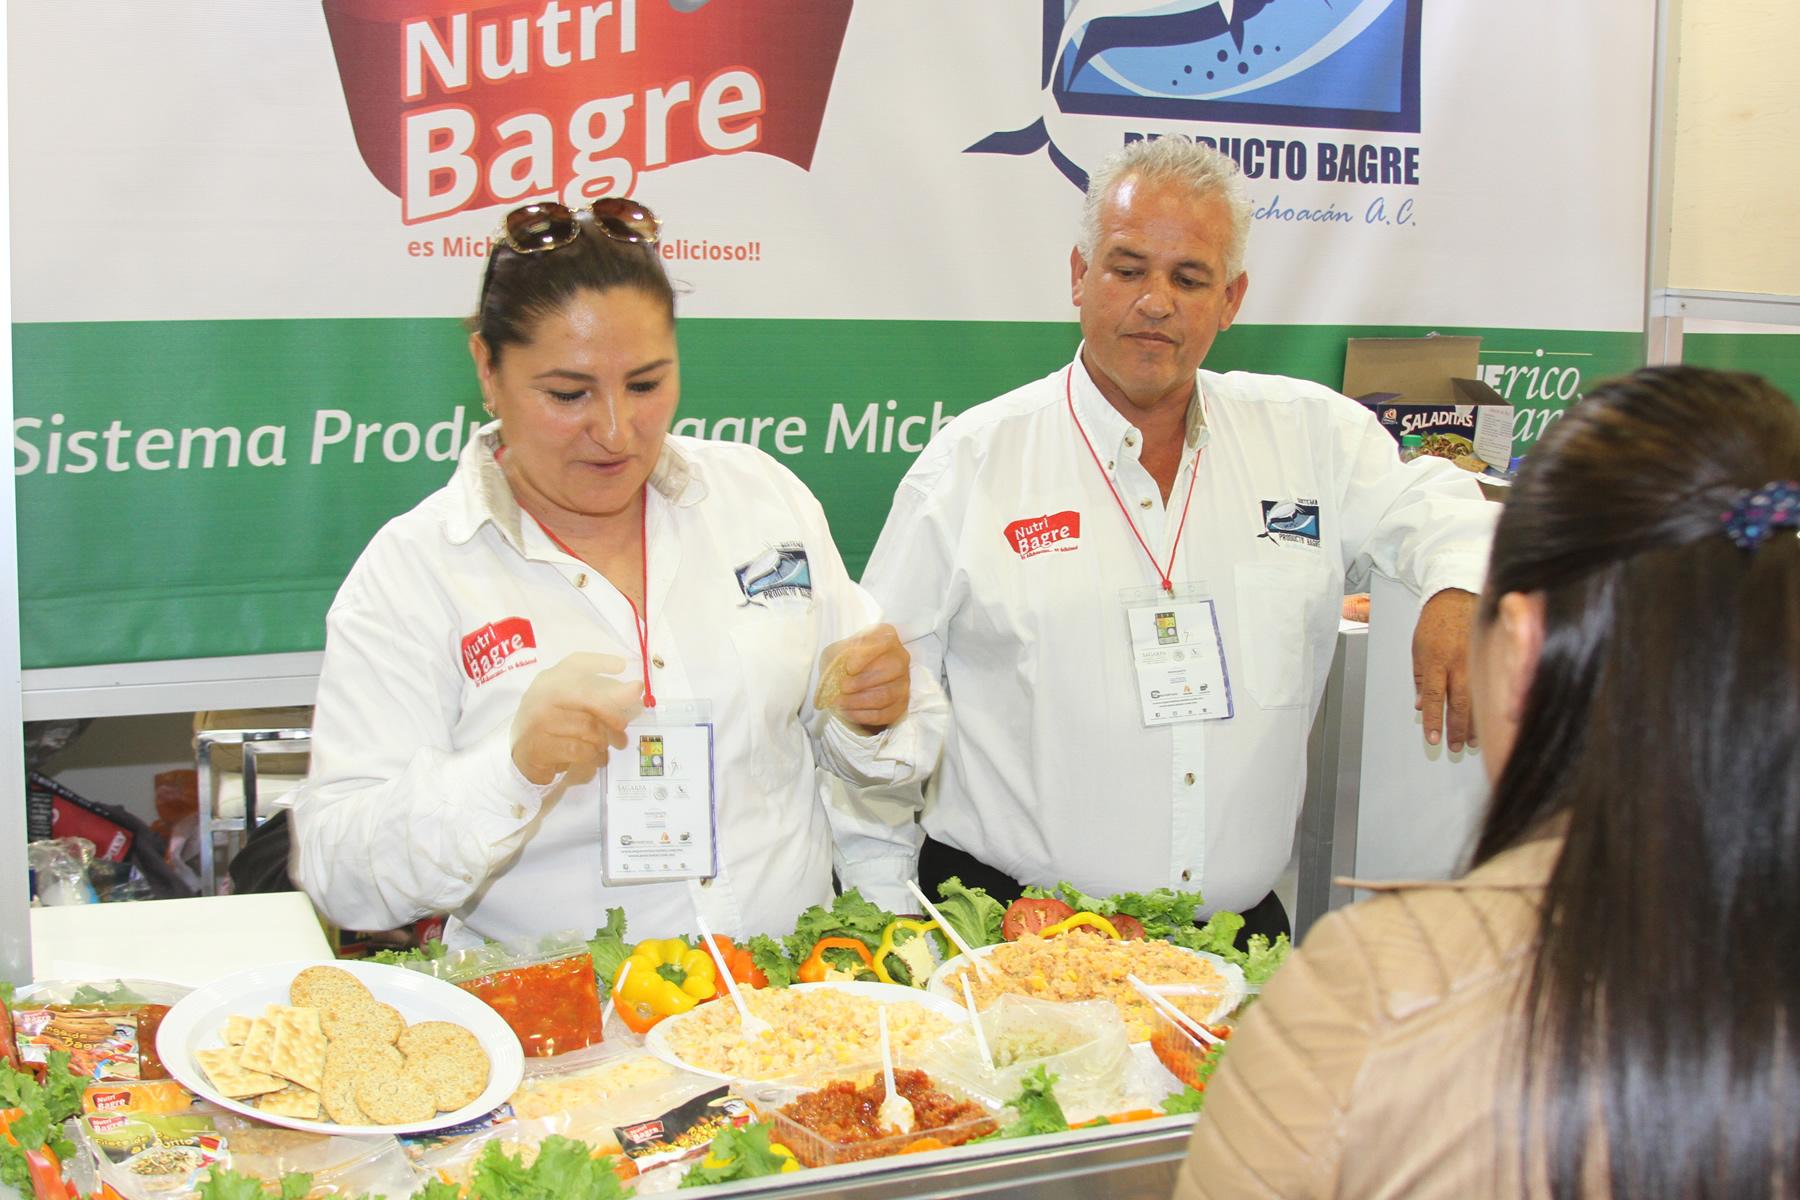 Aguilar Sánchez señaló que en el marco de la séptima edición de Pescamar 2015 asistieron representantes de tiendas de autoservicio, distribuidores mayoristas, cadenas de restaurantes, y hoteleras, compradores extranjeros y comercializadores mayoristas.